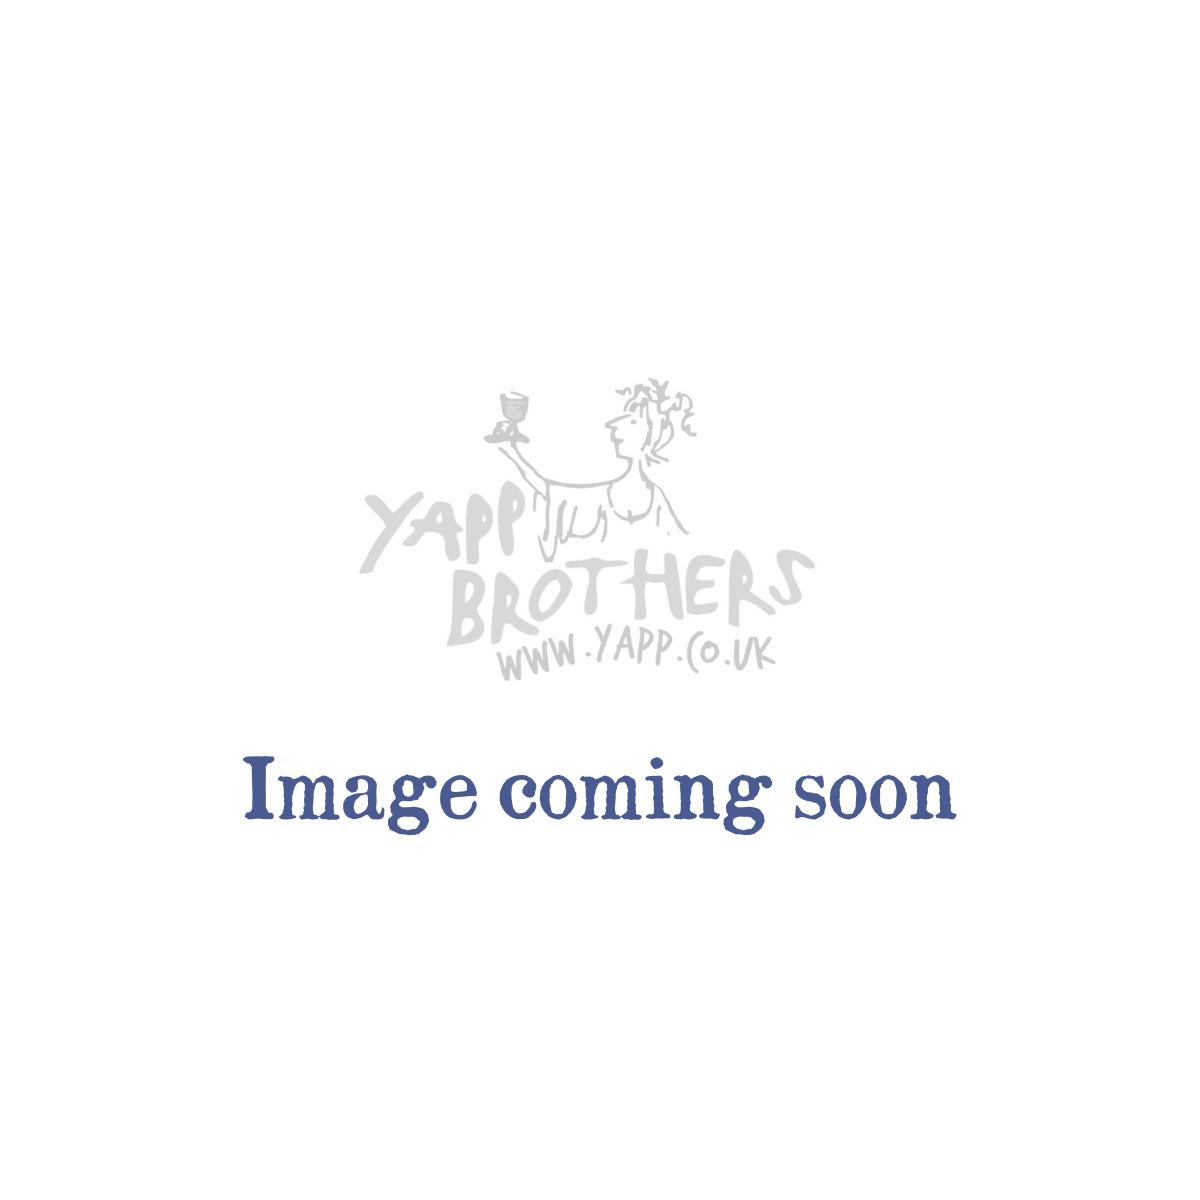 Penderyn Single Malt Welsh Whisky: Spécialités Dumangin - Bottle